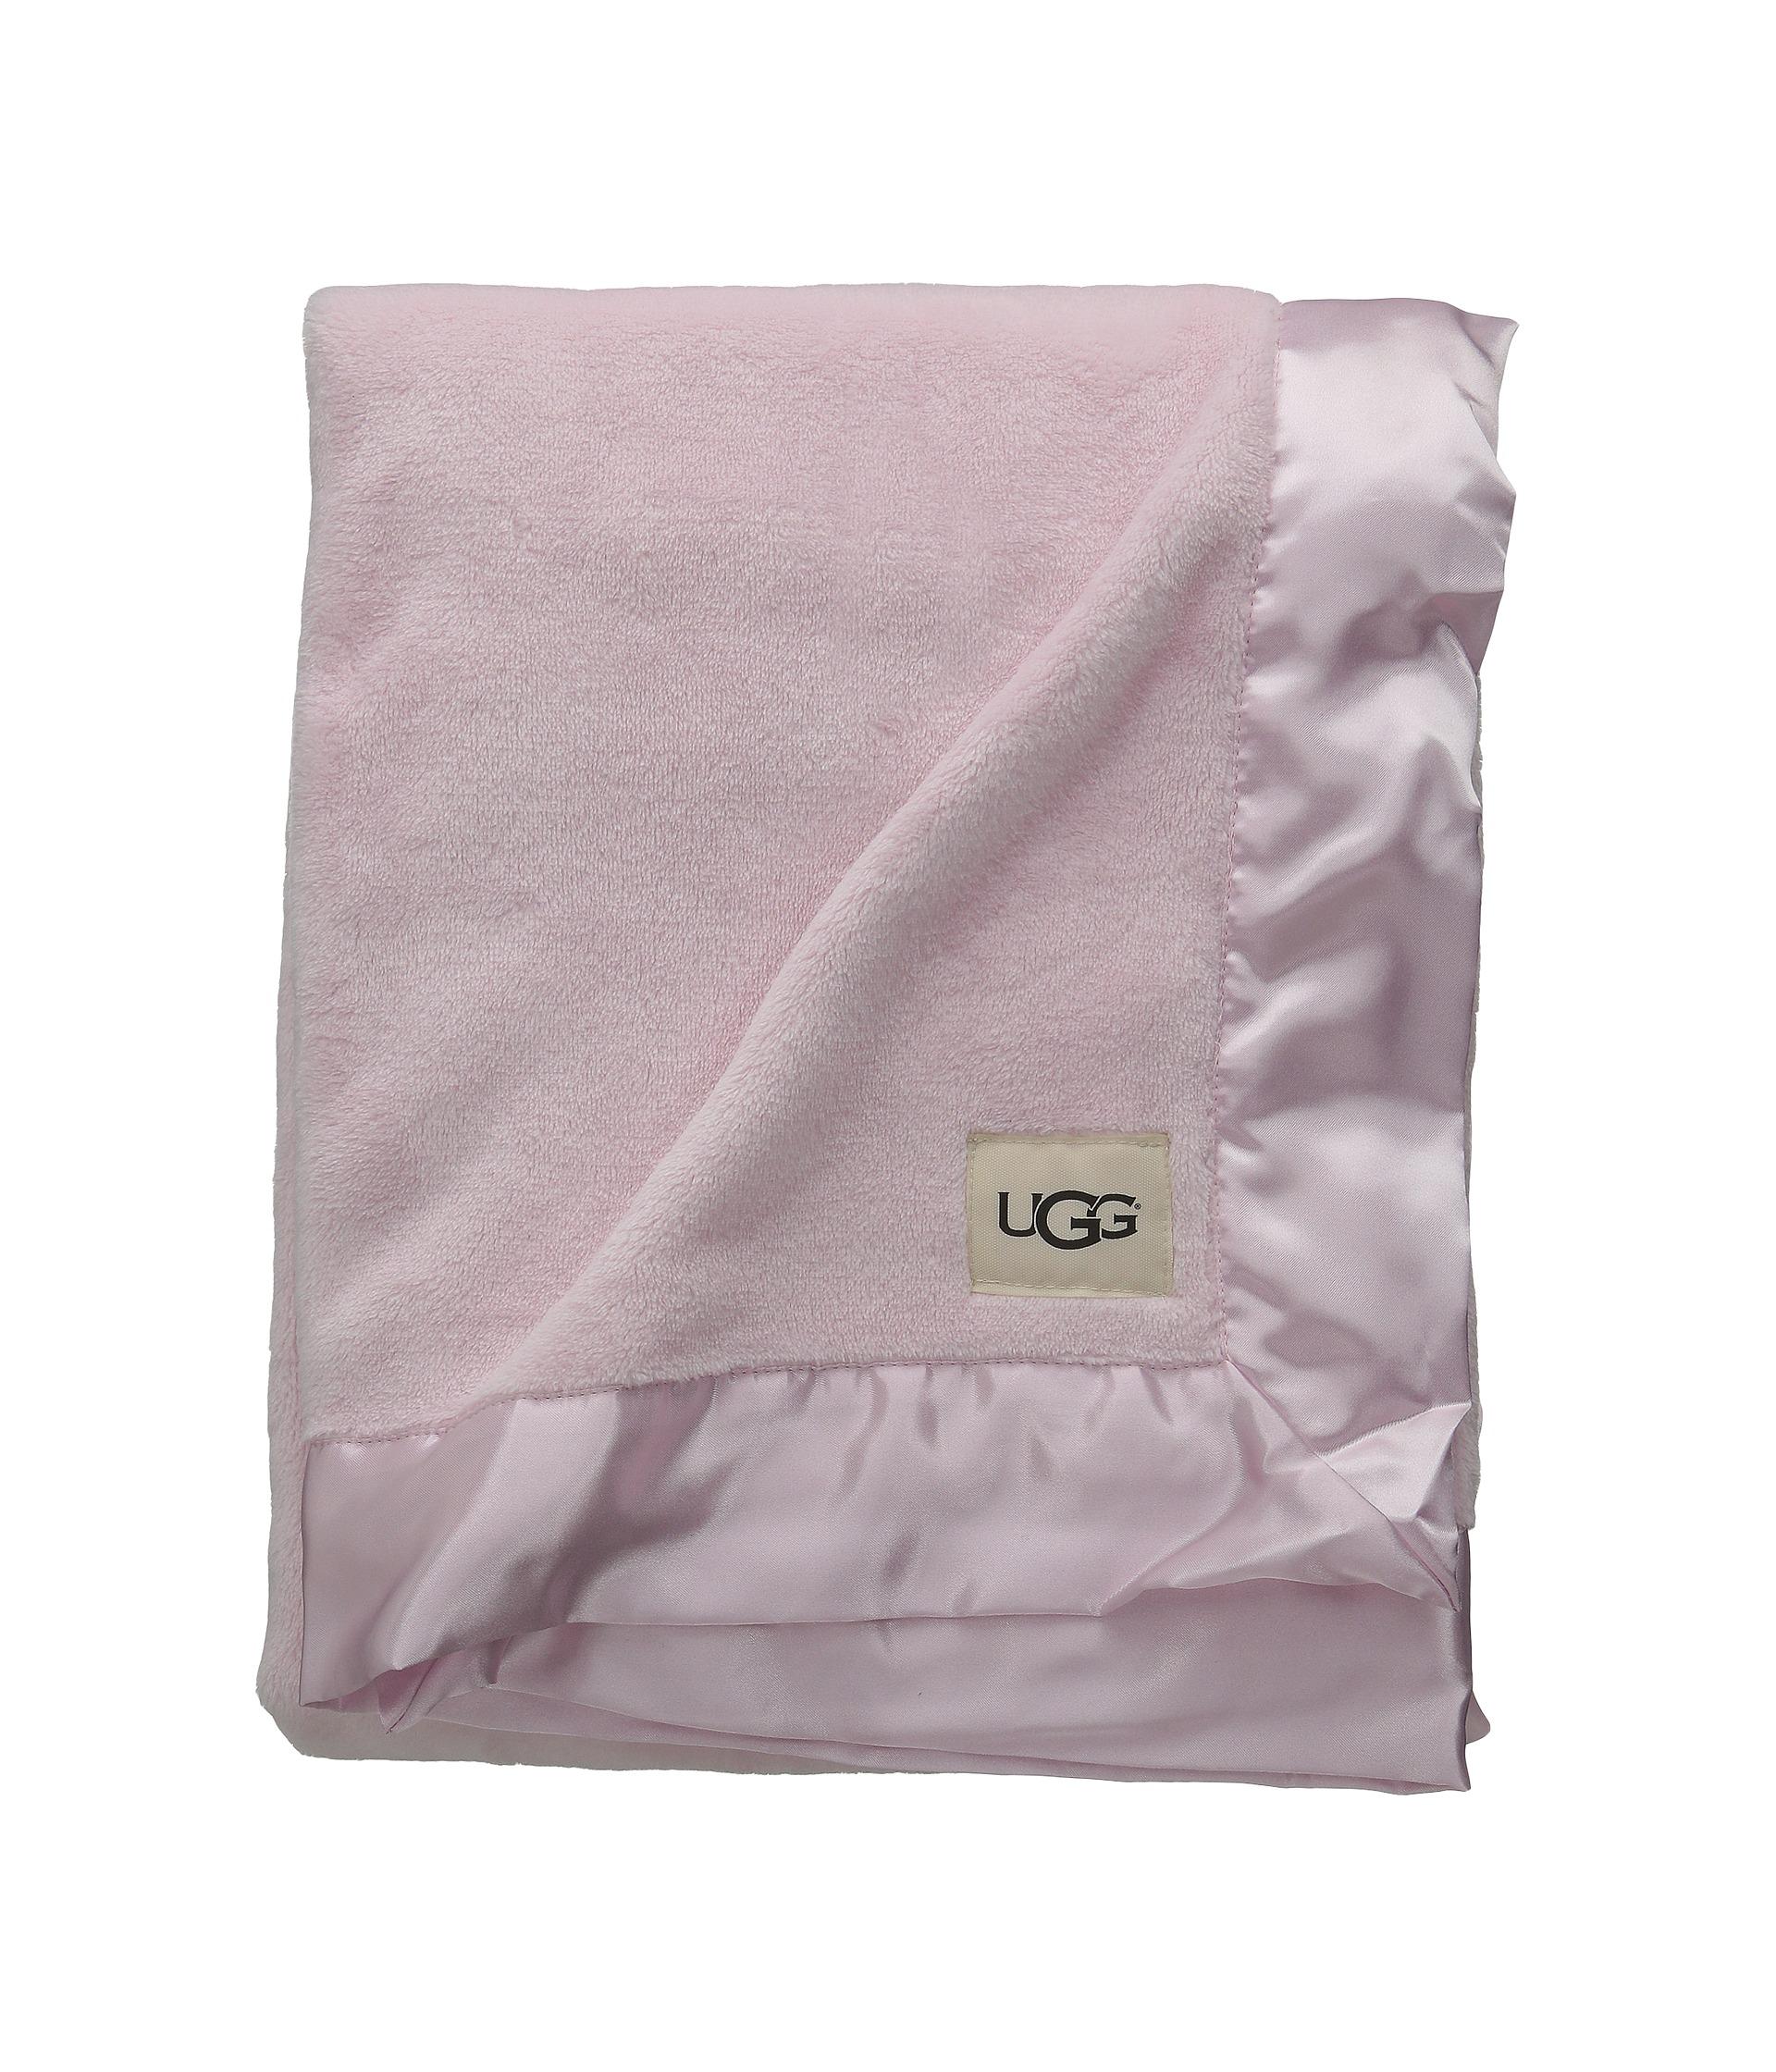 Ugg Kids Receiving Blanket Large Infant